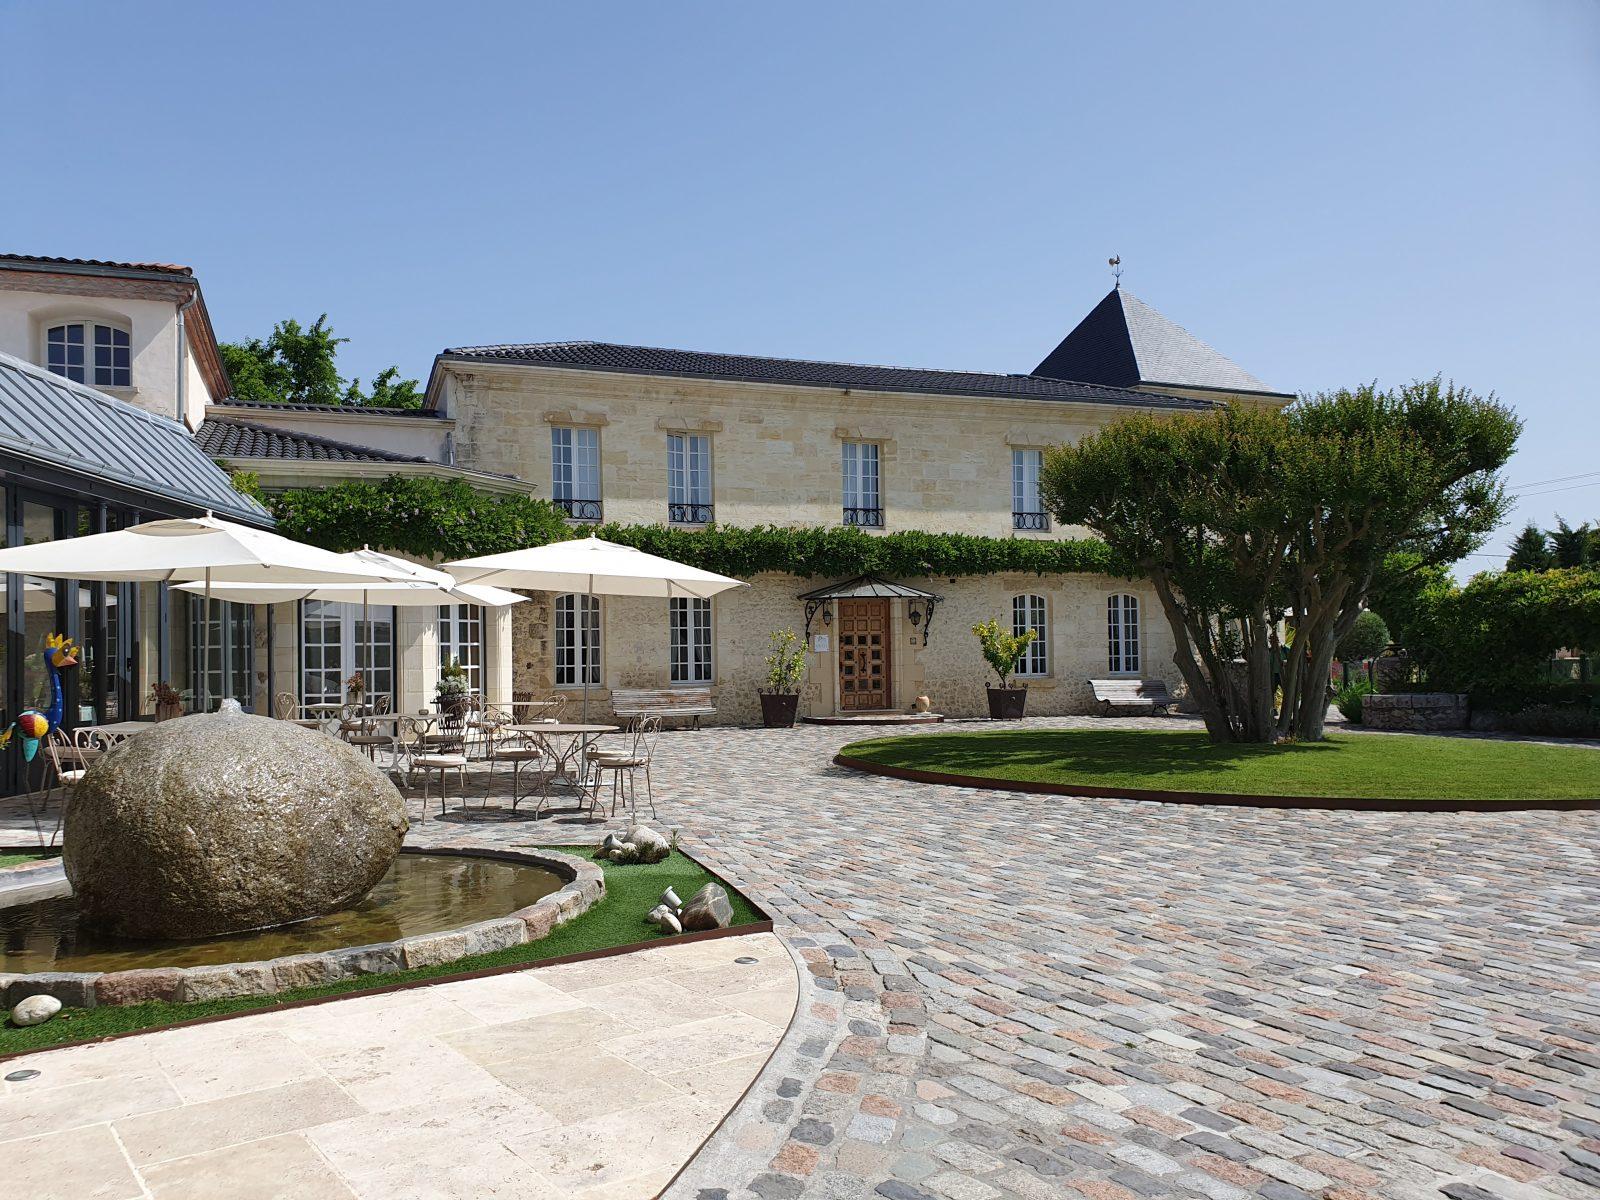 domaine-de-larchey-jardins-photos-tous-droits-reserves-service-communication-Domaine-de-Larchey–3-